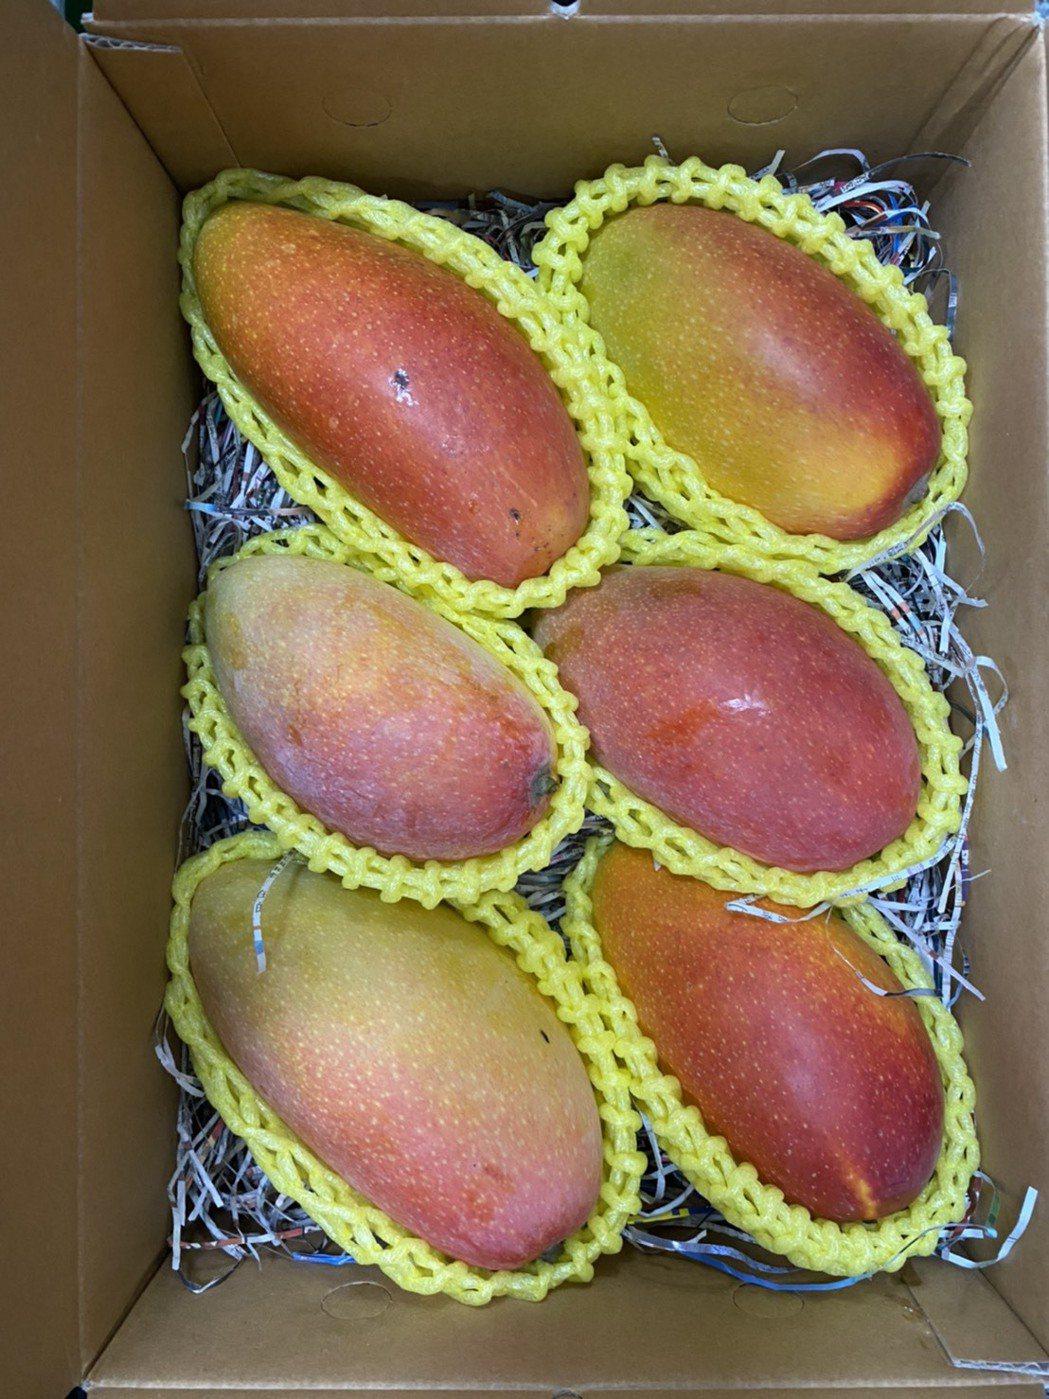 詮豐農場芒果成熟了!香甜汁多味美。 詮豐農場/提供